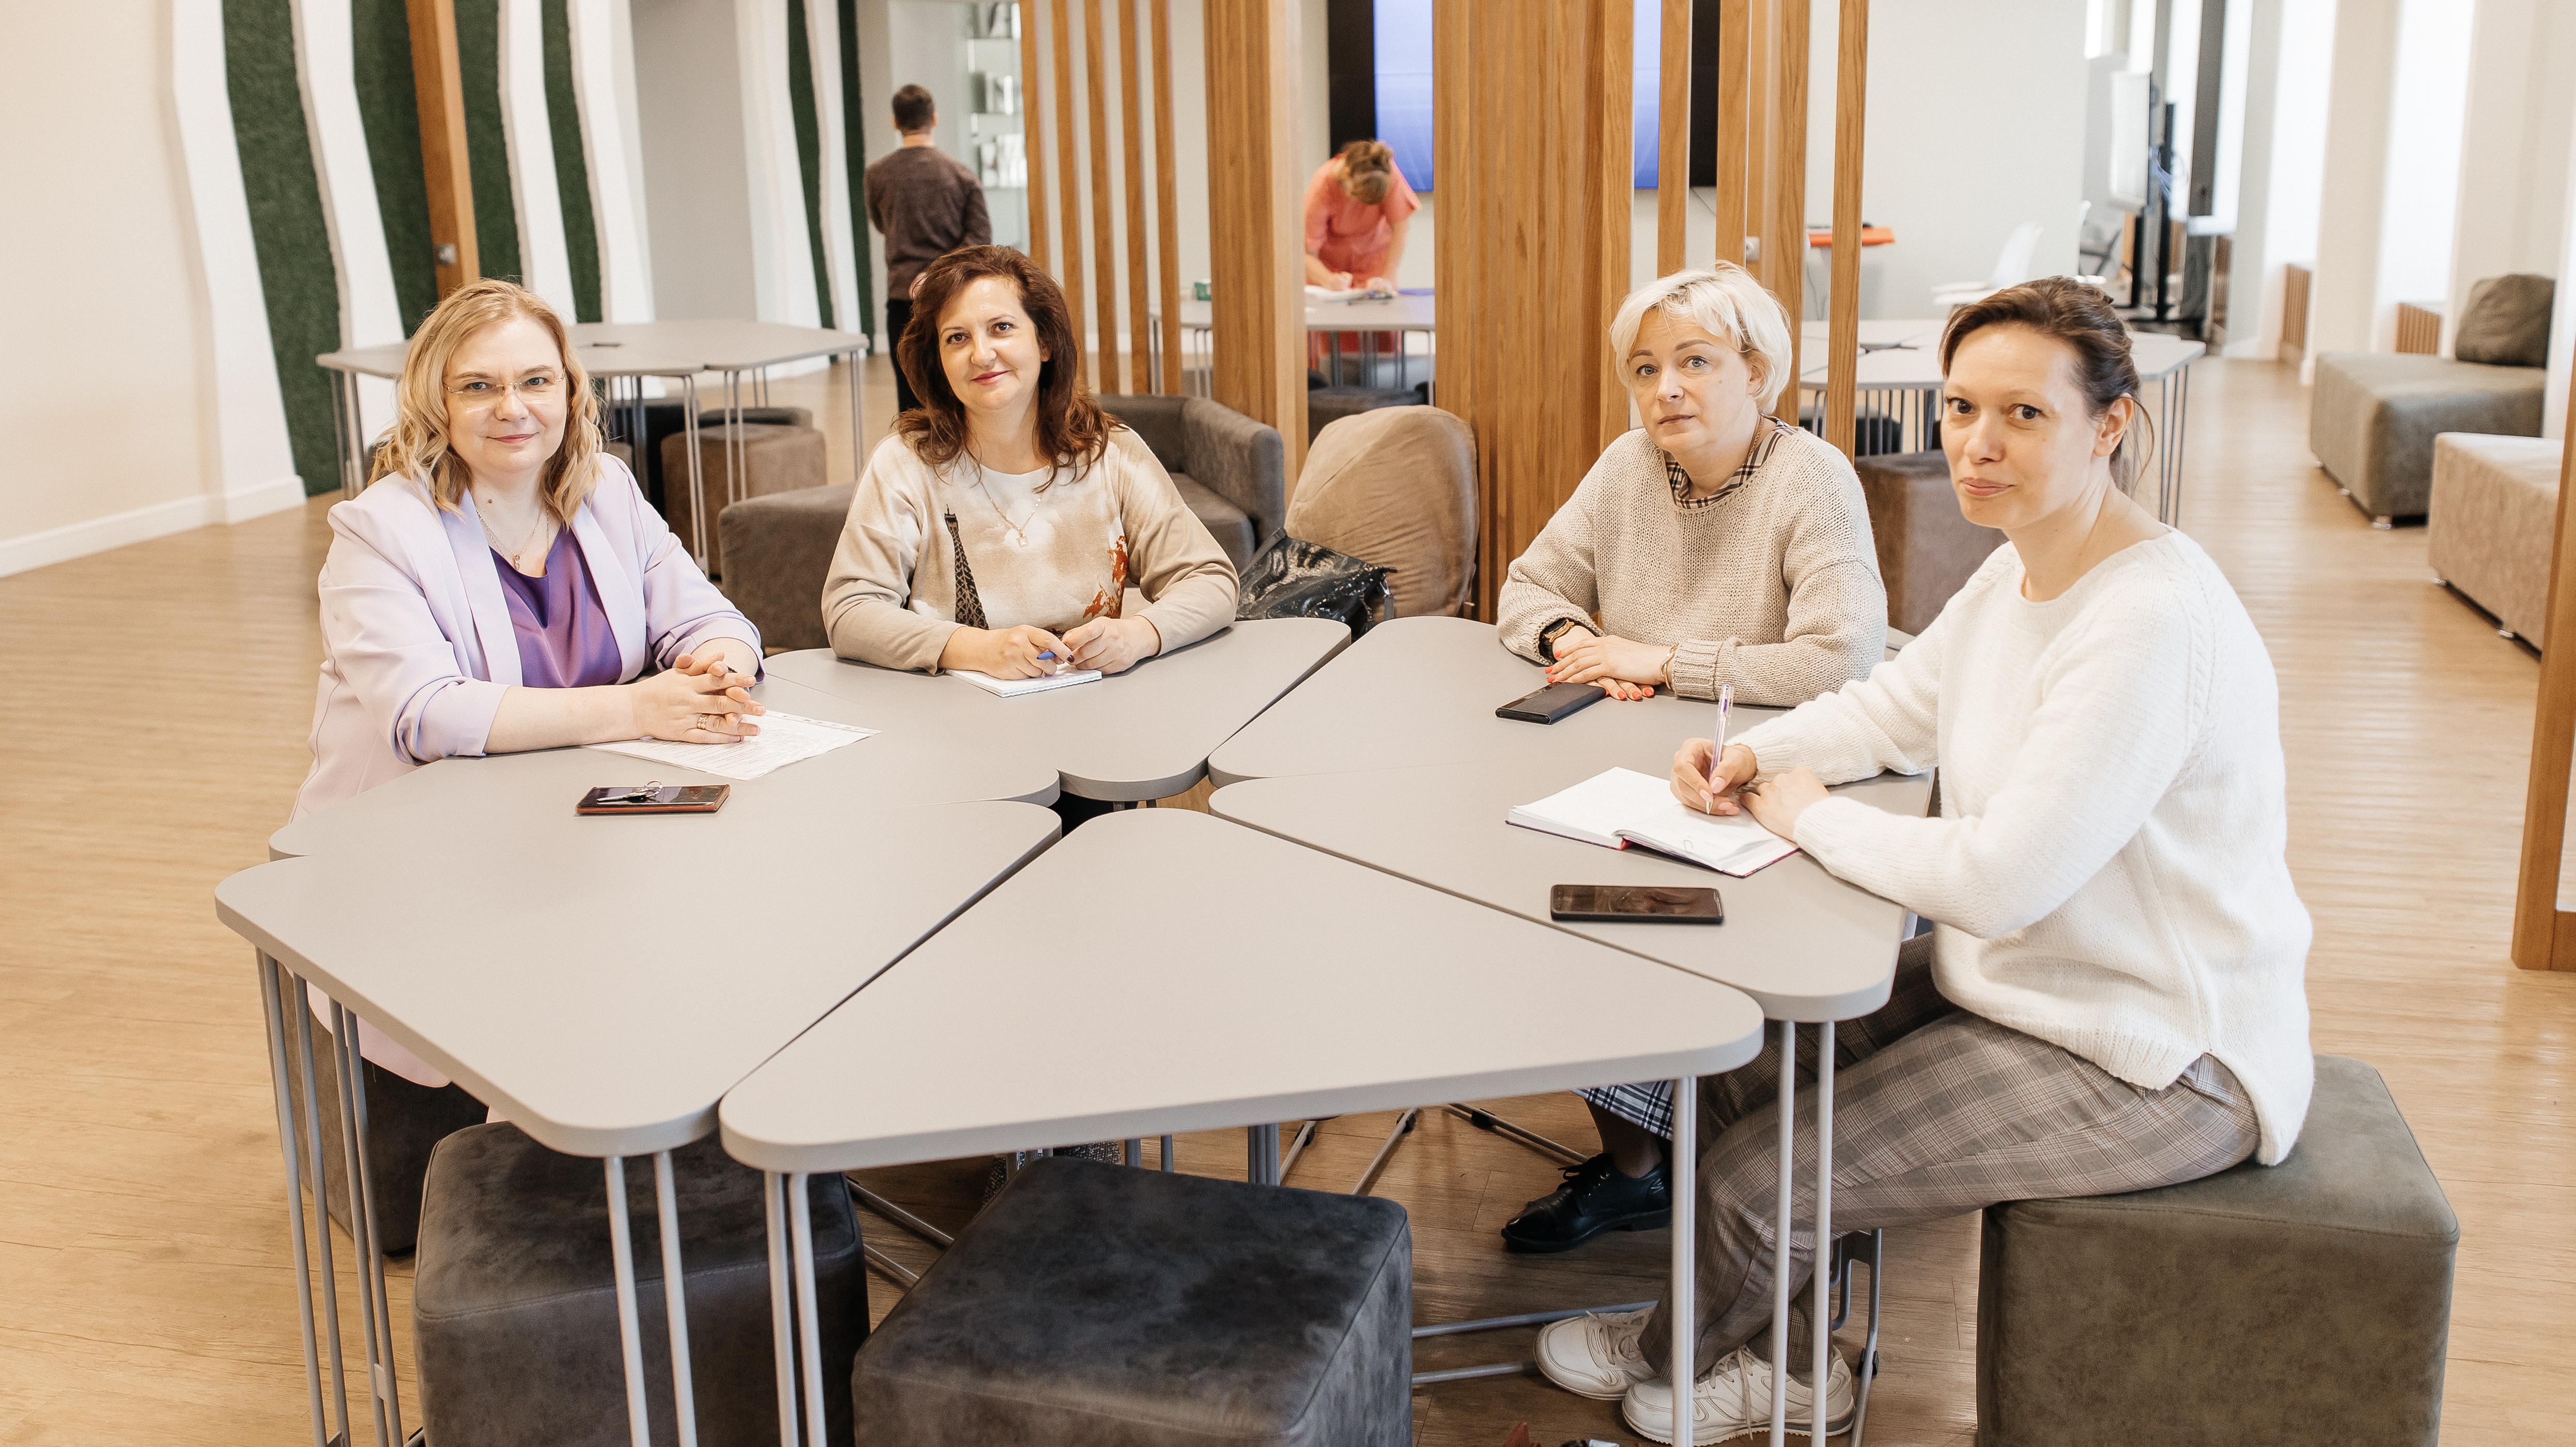 Состоялась рабочая встреча делегаций из Мининского университета и Института развития образования Кировской области